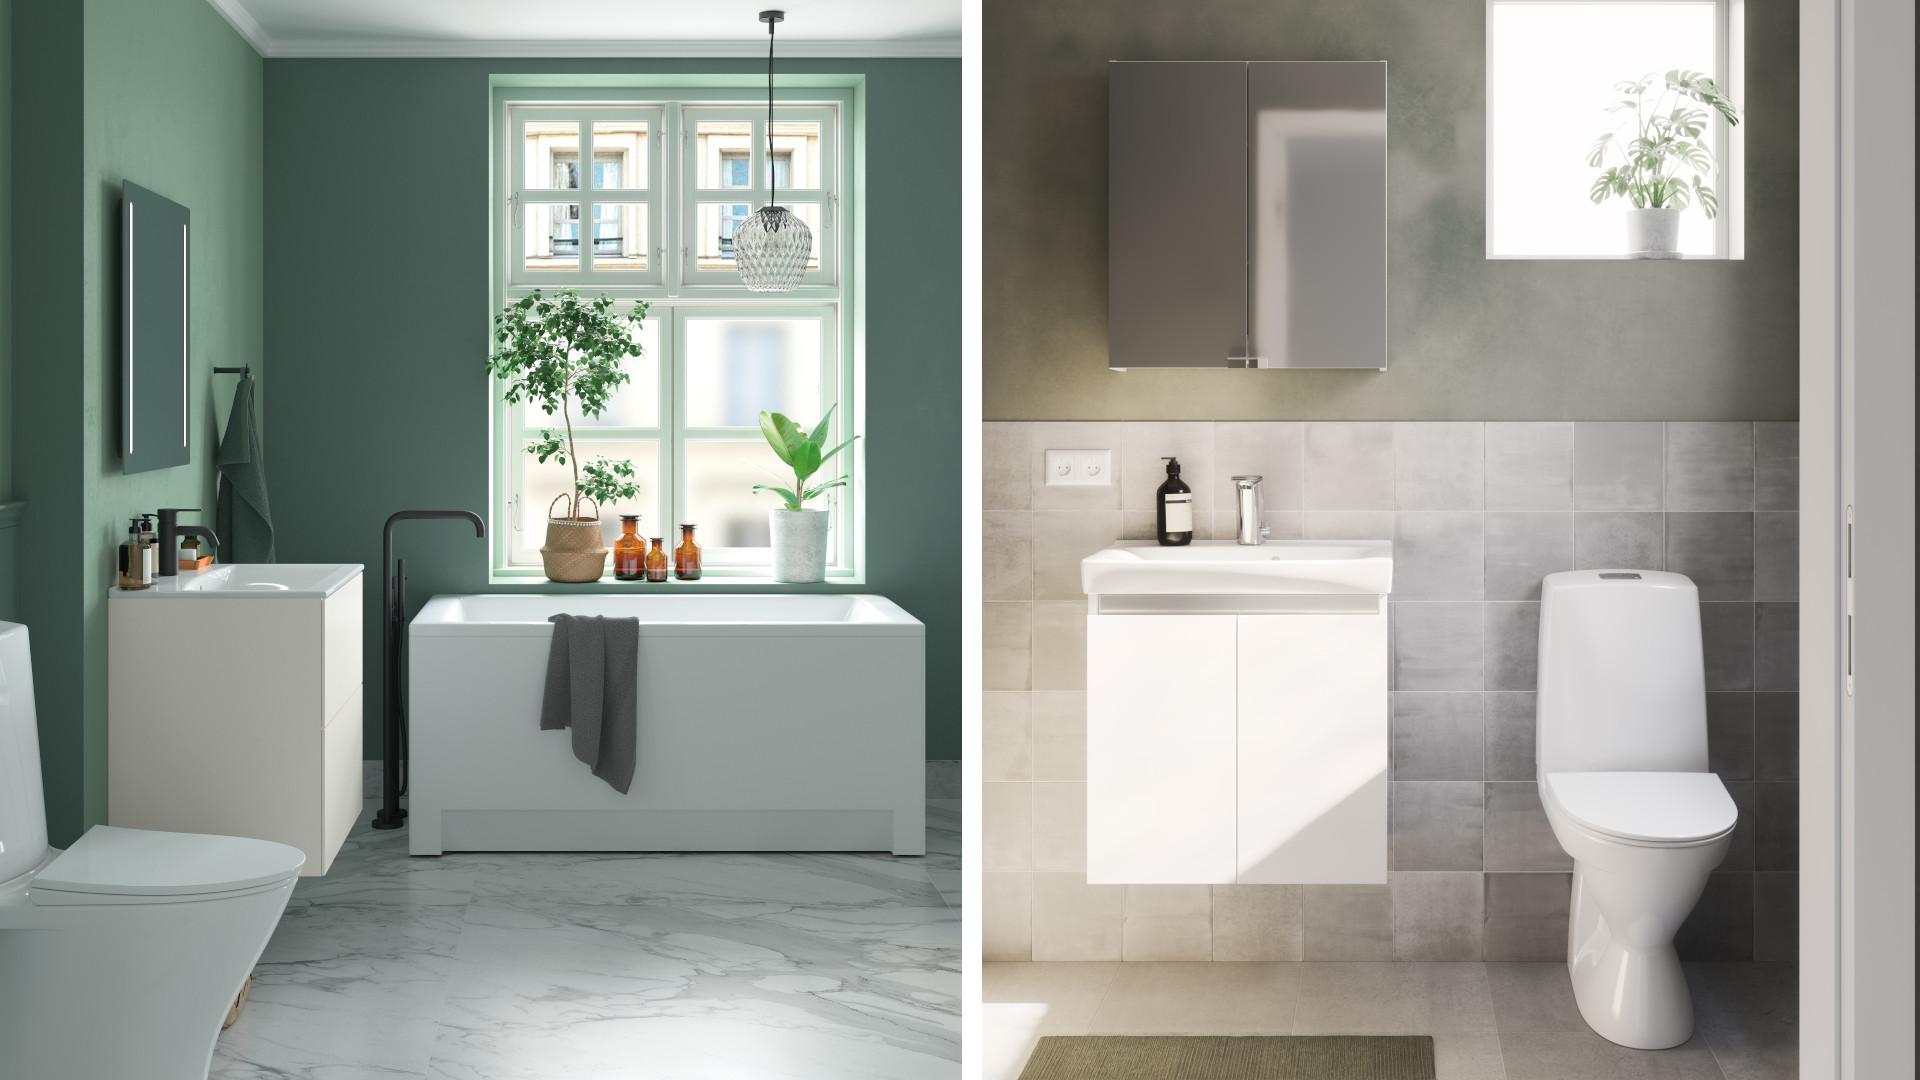 IDO Elegant ja IDO Light ovat tyyliltään ajattomia kalustesarjoja, jotka sopivat erikokoisiin kylpyhuoneisiin.